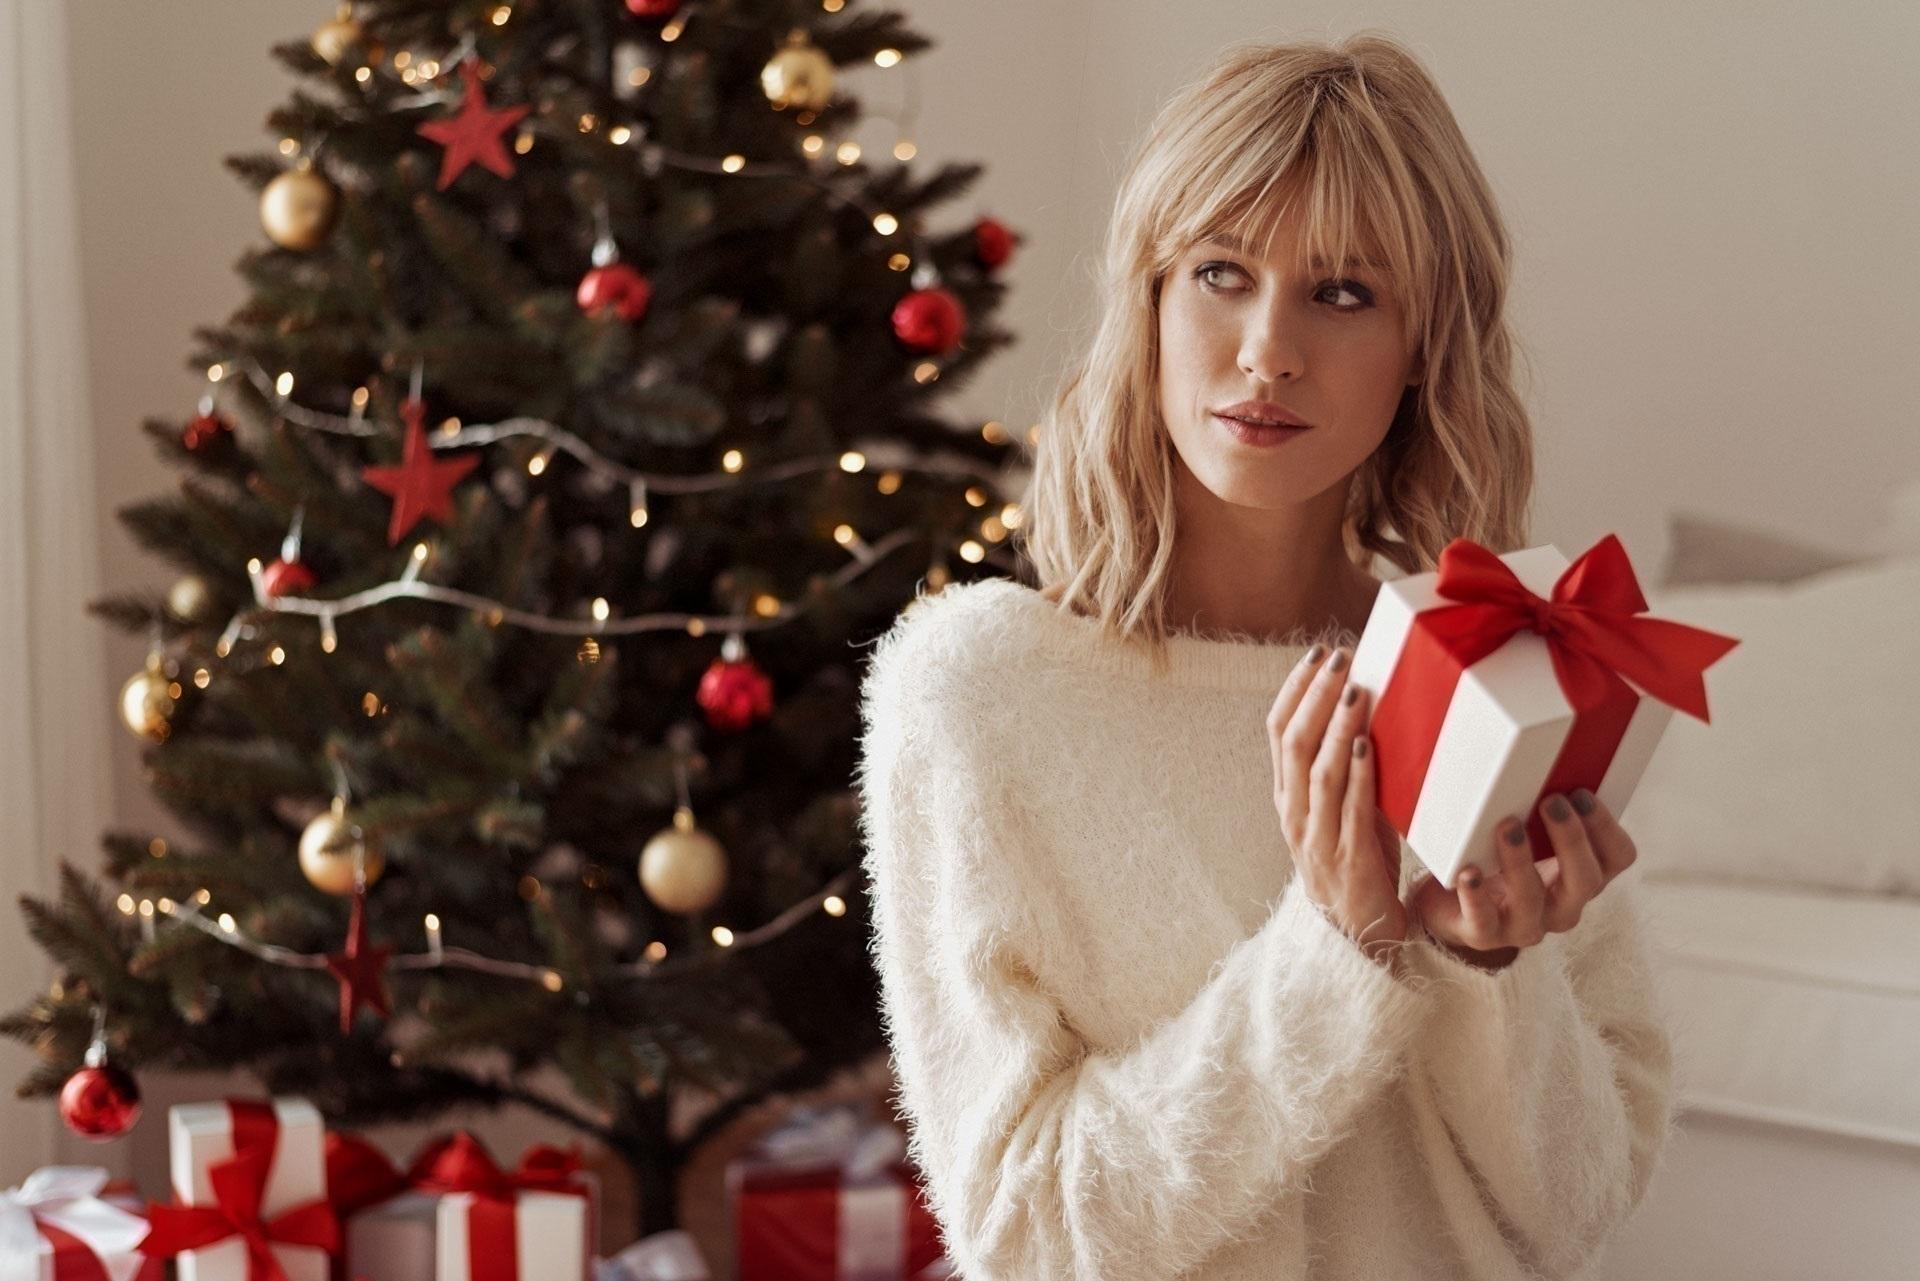 Τα καλύτερα χριστουγεννιάτικα δώρα για γυναίκες